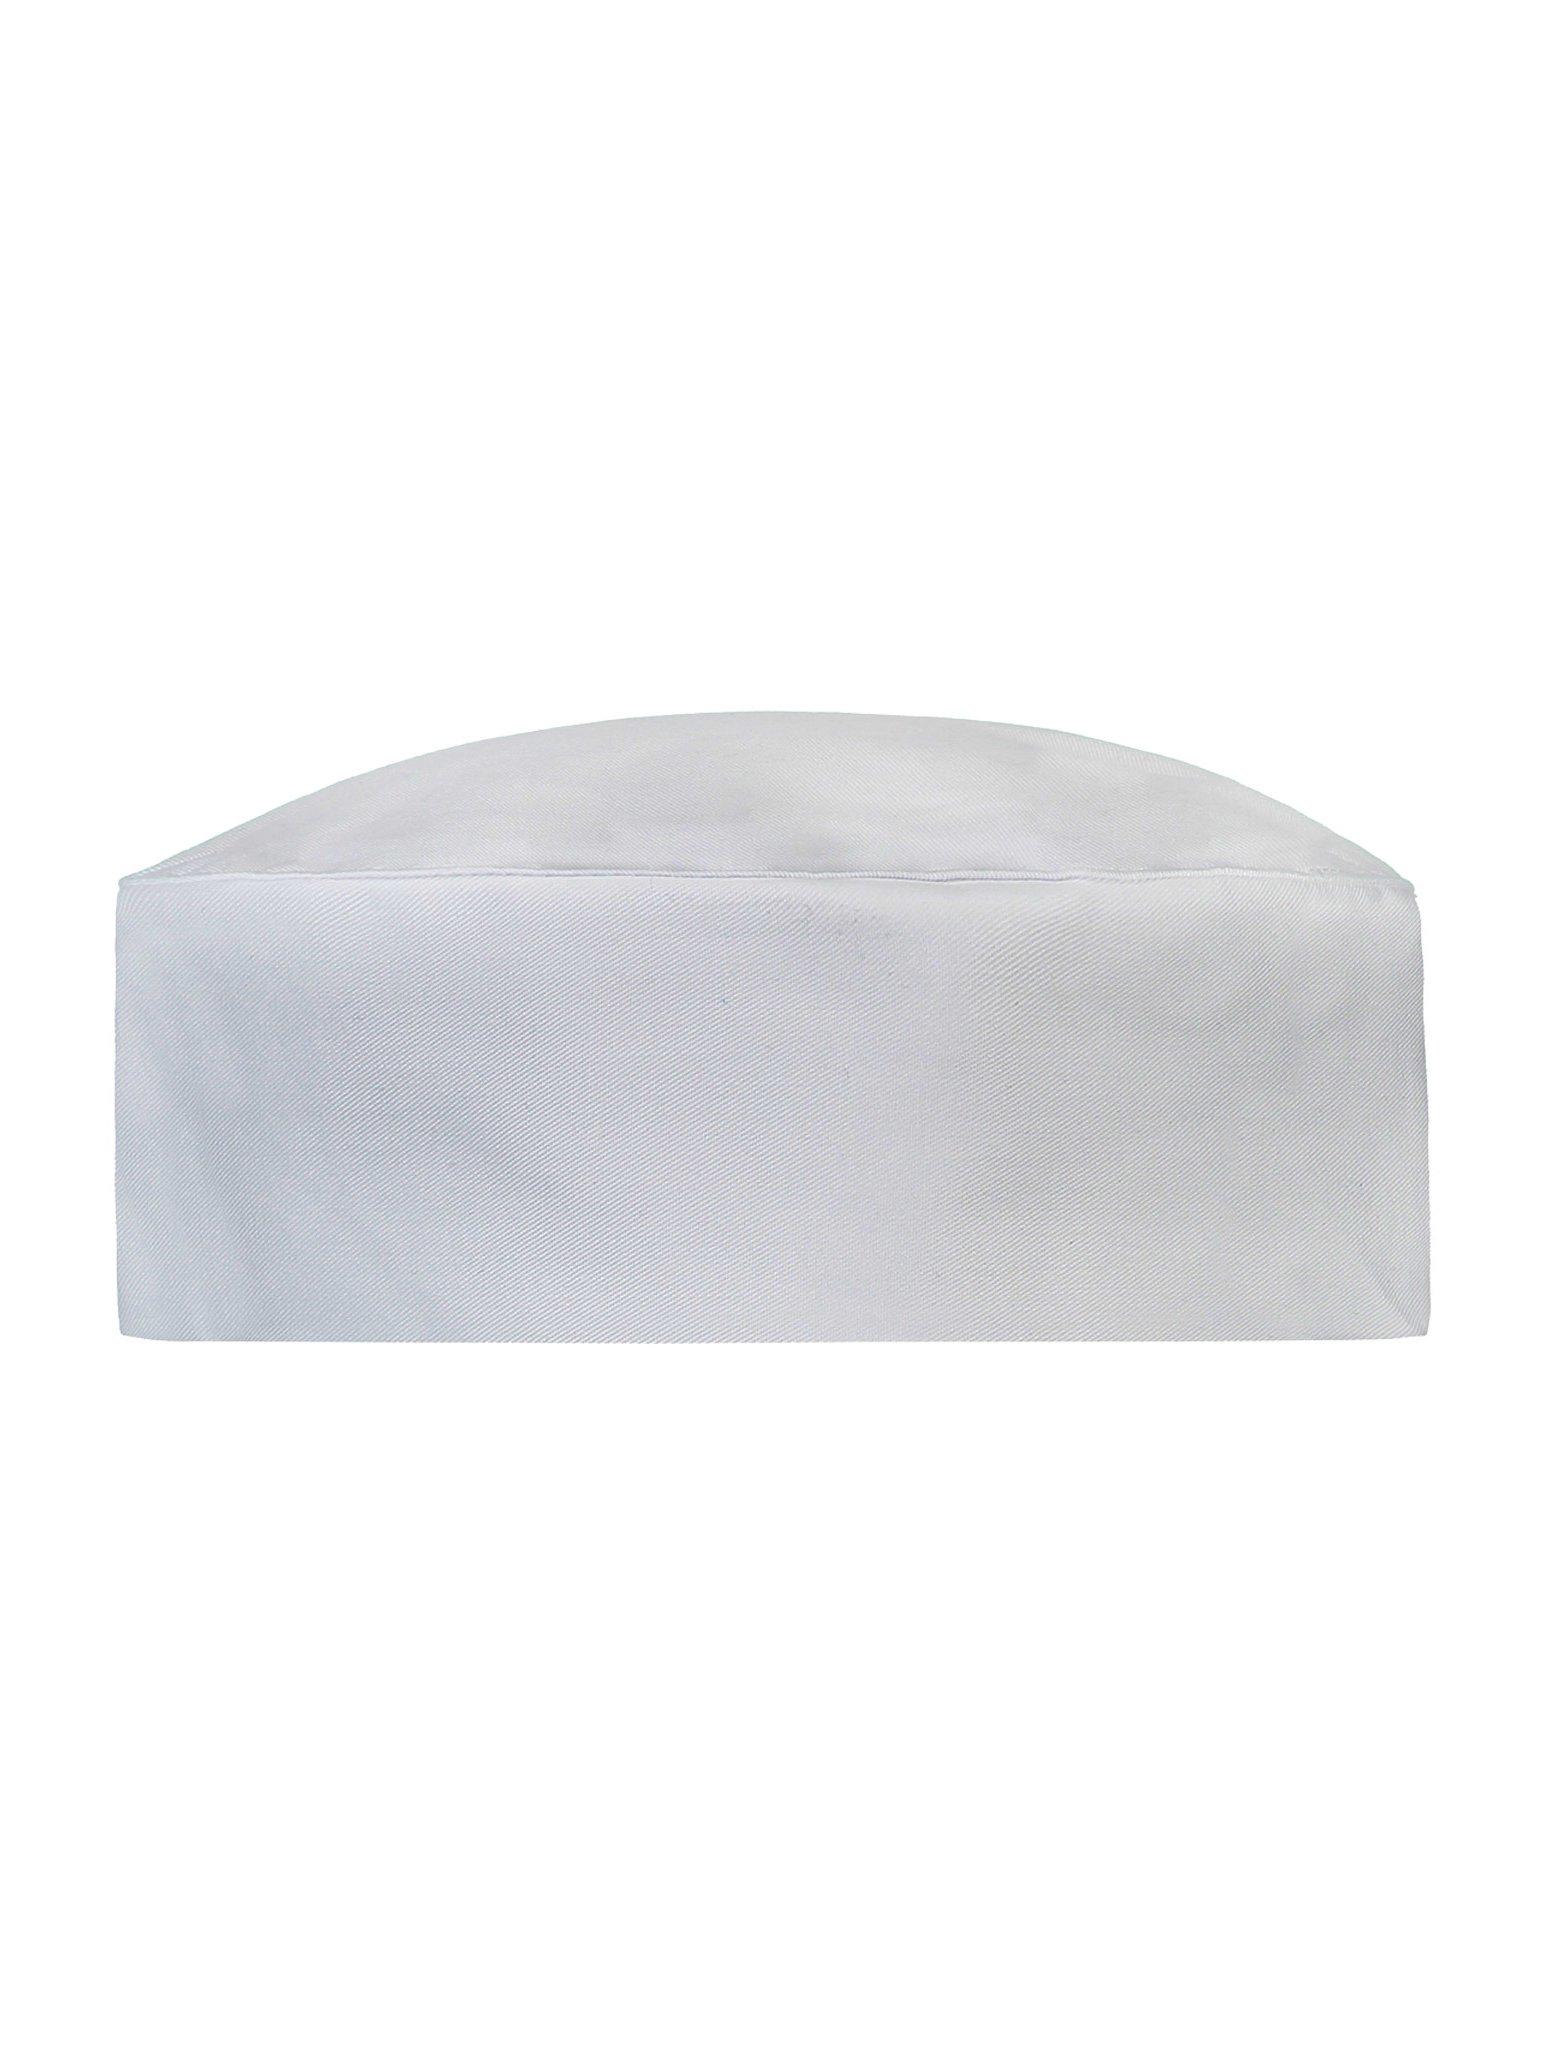 Chef Hat Fez White